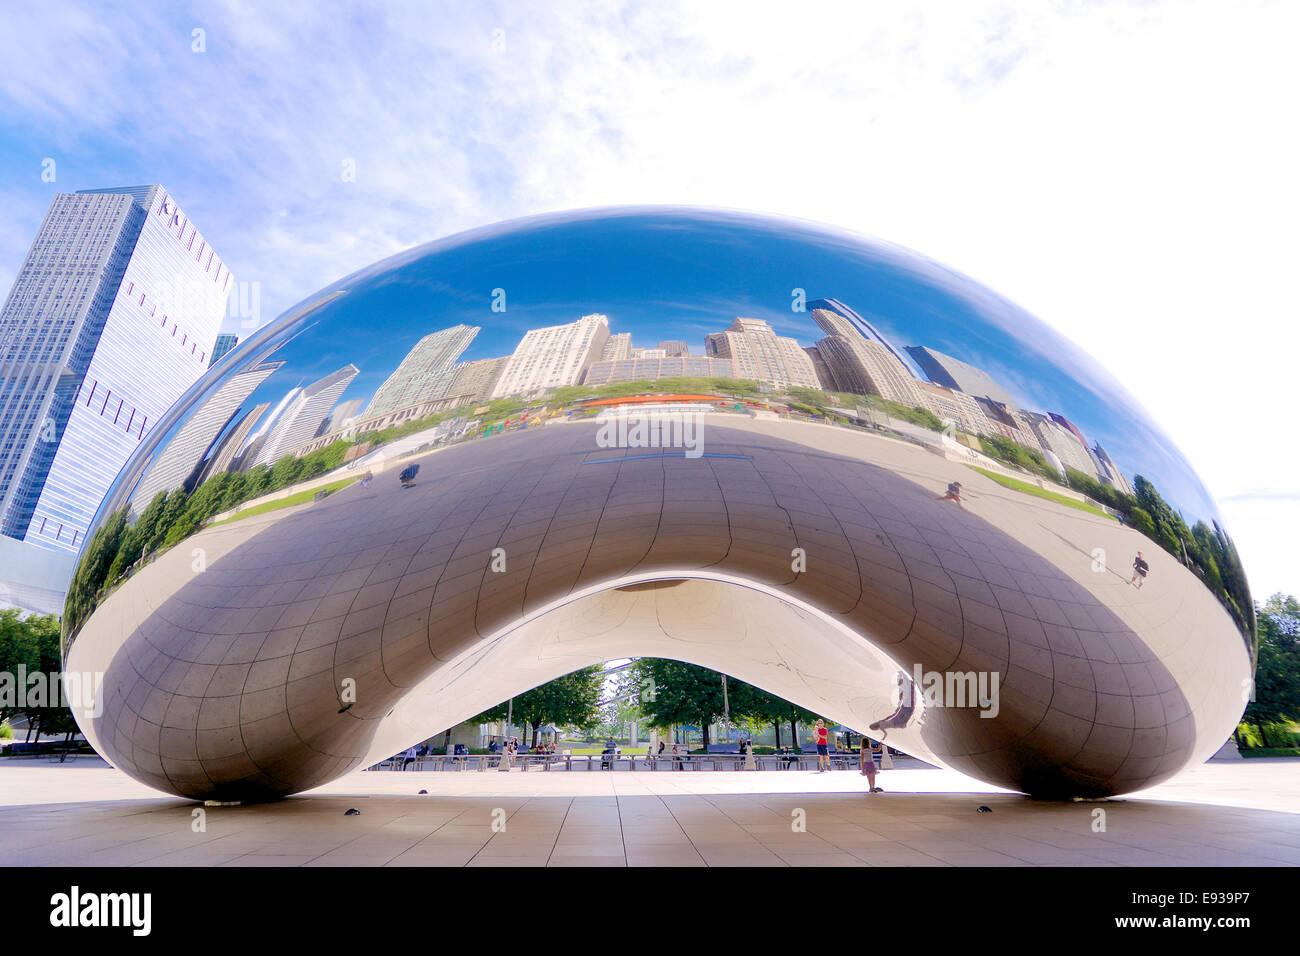 La escultura de frijoles en el centro de Chicago, IL Imagen De Stock